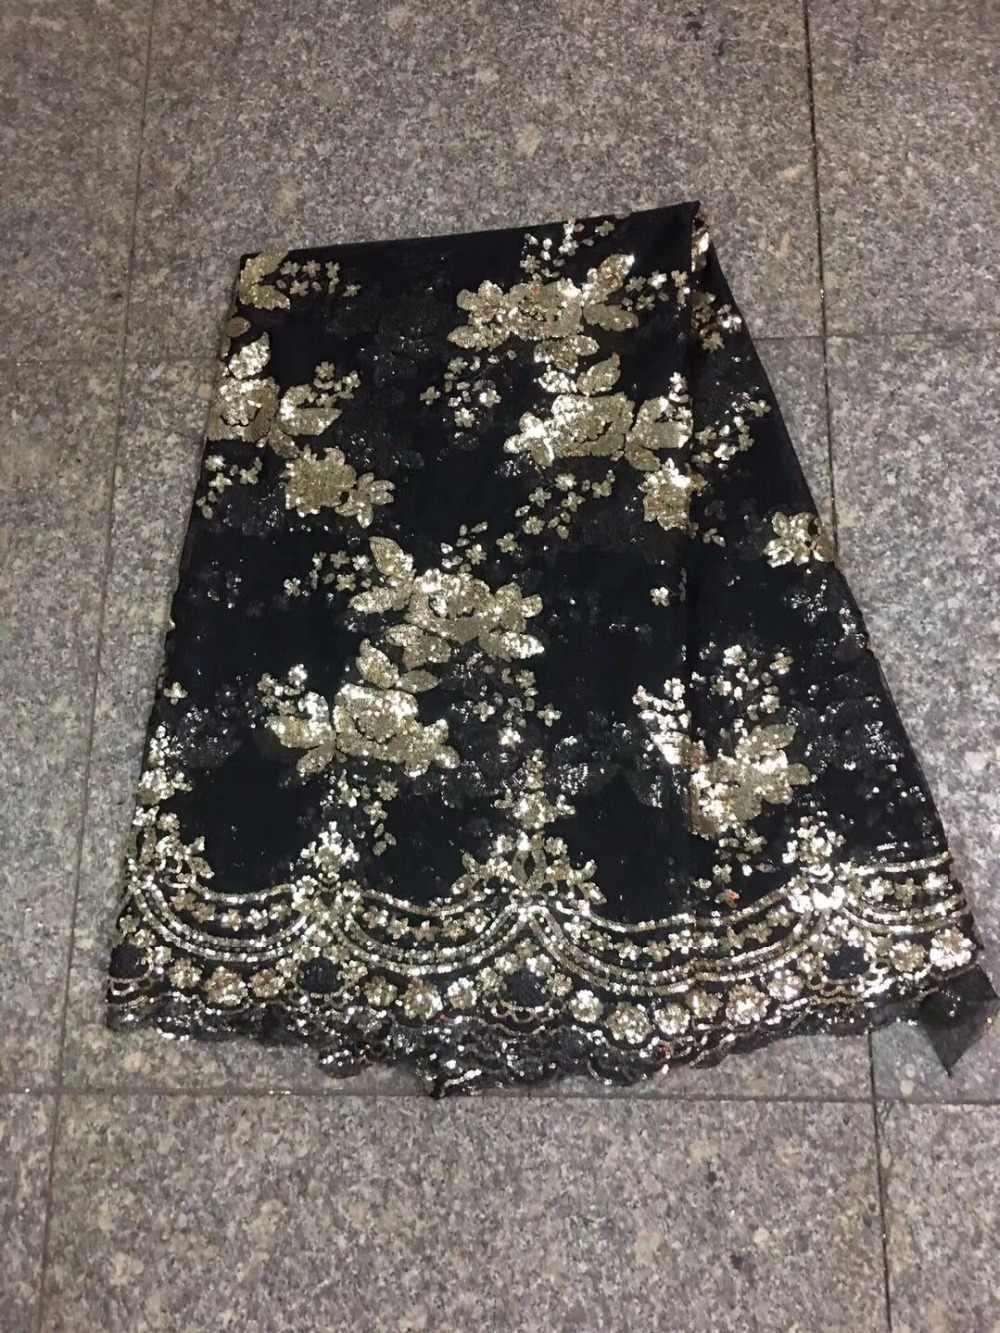 Новые африканские кружевные ткани 5 ярдов Золотая черная французская сетка с блестками вышивка нигерийские кружевные ткани оптом для свадебной вечеринки